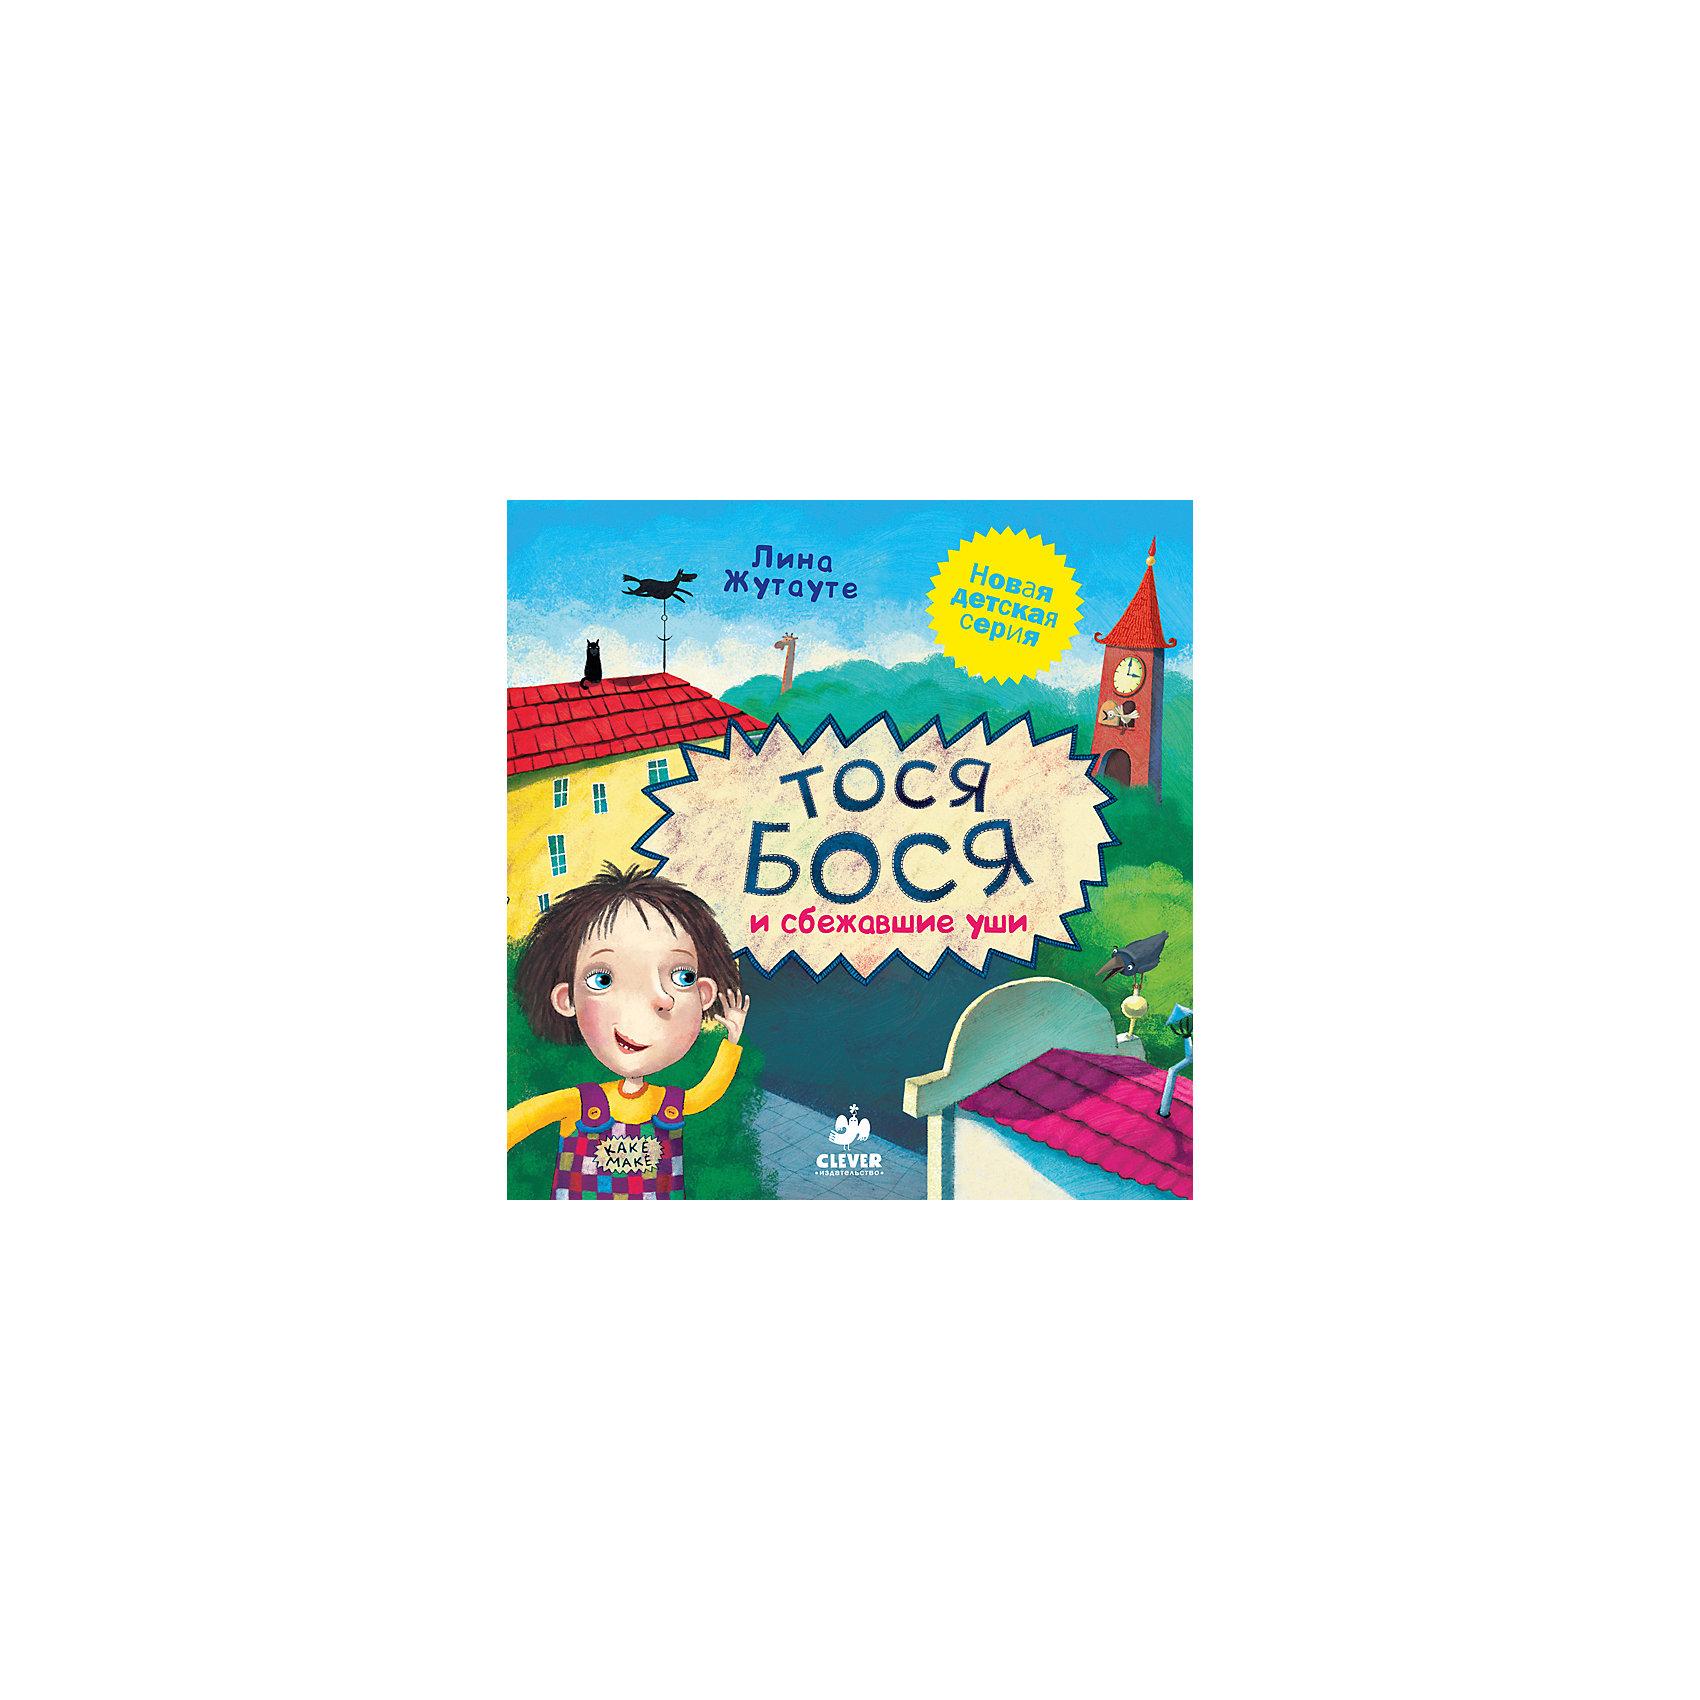 Clever Тося-Бося и сбежавшие уши, Л. Жутауте clever книга тося бося идёт в зоопарк 3